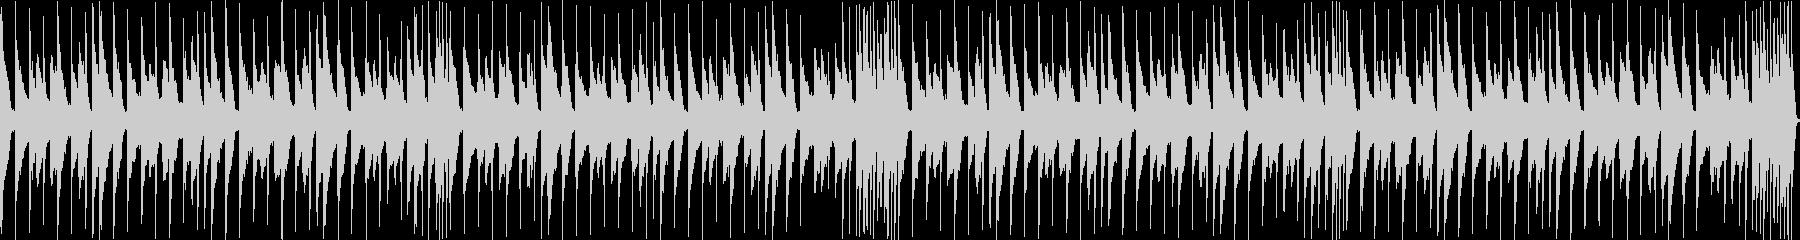 日常系 コミカルなピアノ曲の未再生の波形